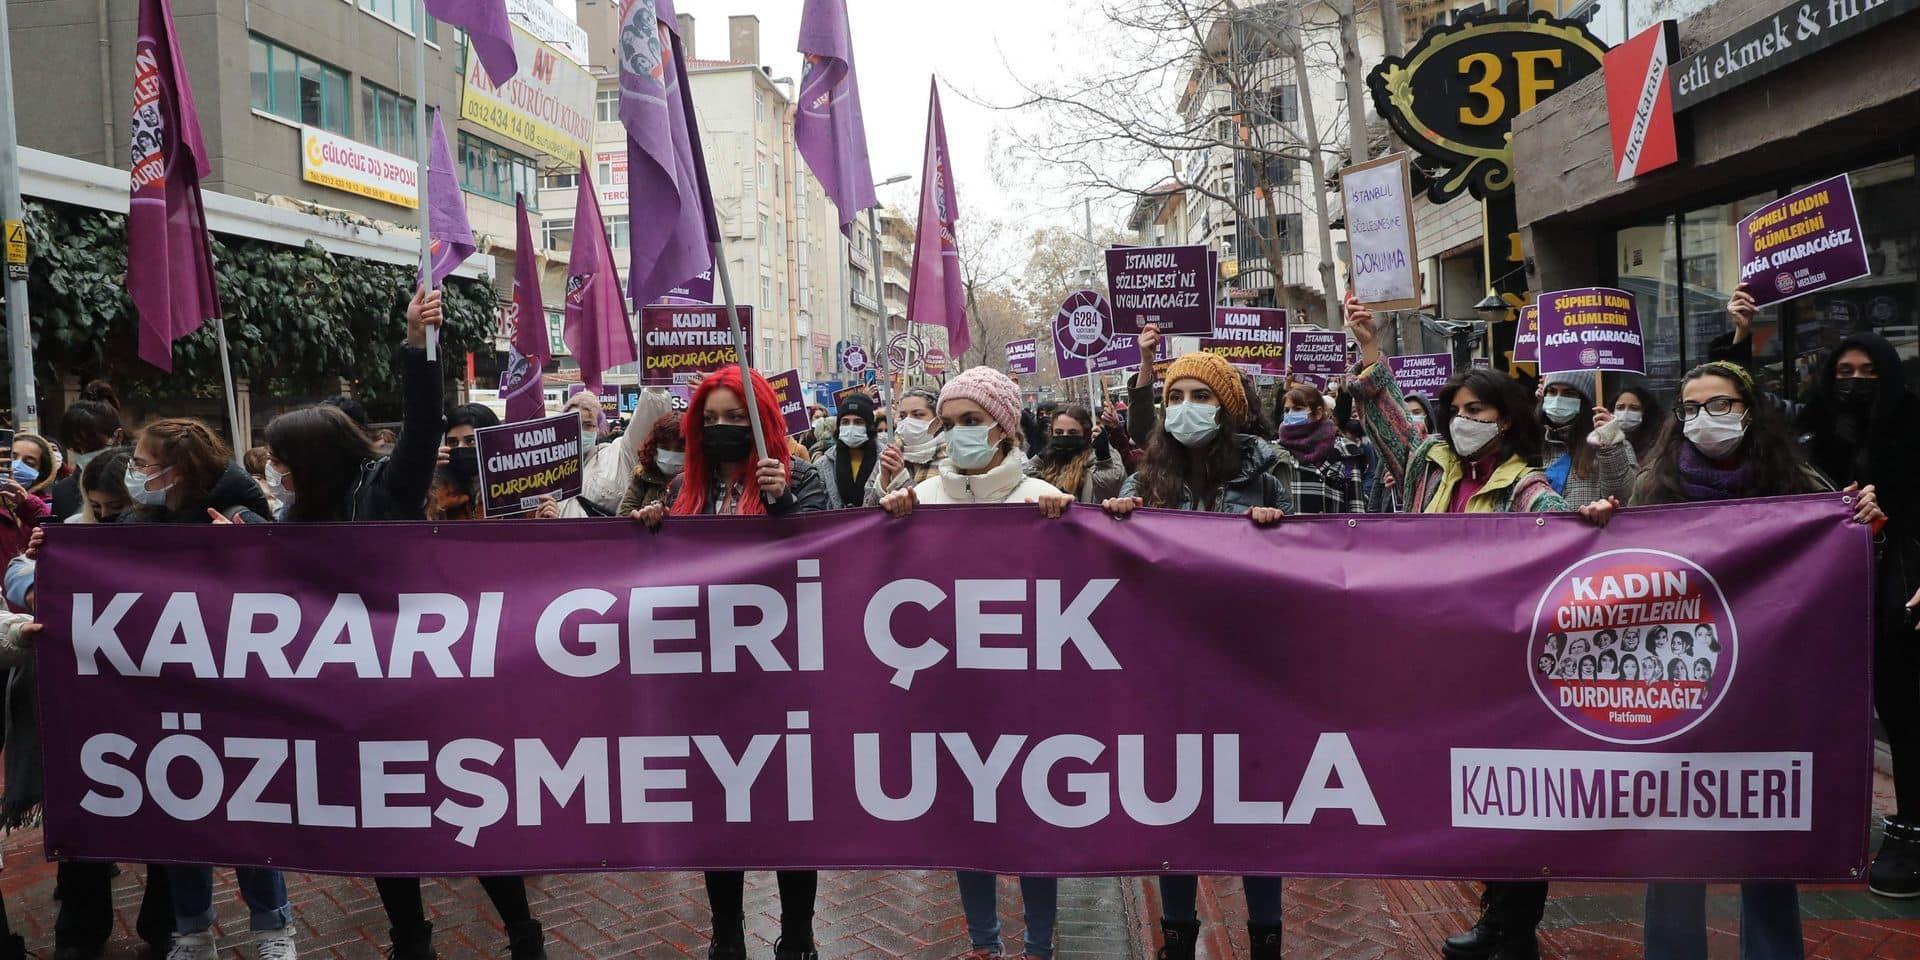 """En Turquie, la colère gronde après l'abandon d'un traité protégeant les femmes : """"Cela revient à piétiner la lutte menée depuis des années"""""""